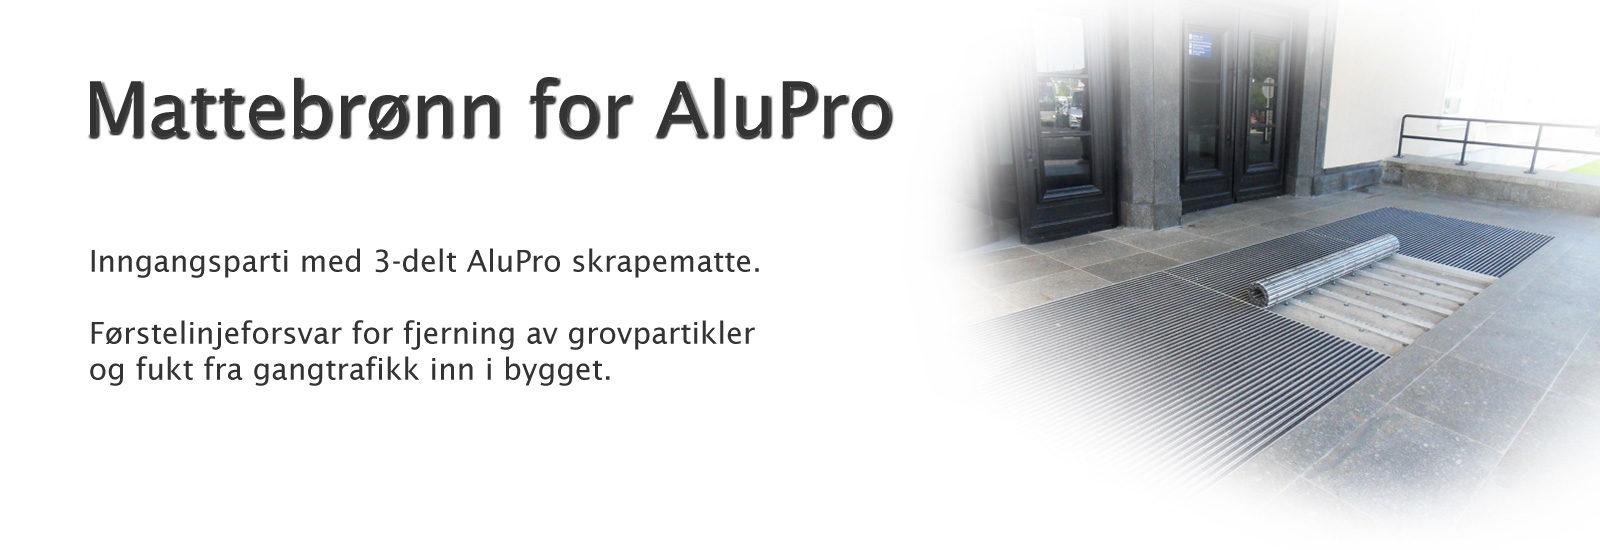 Mattebrønn for AluPro